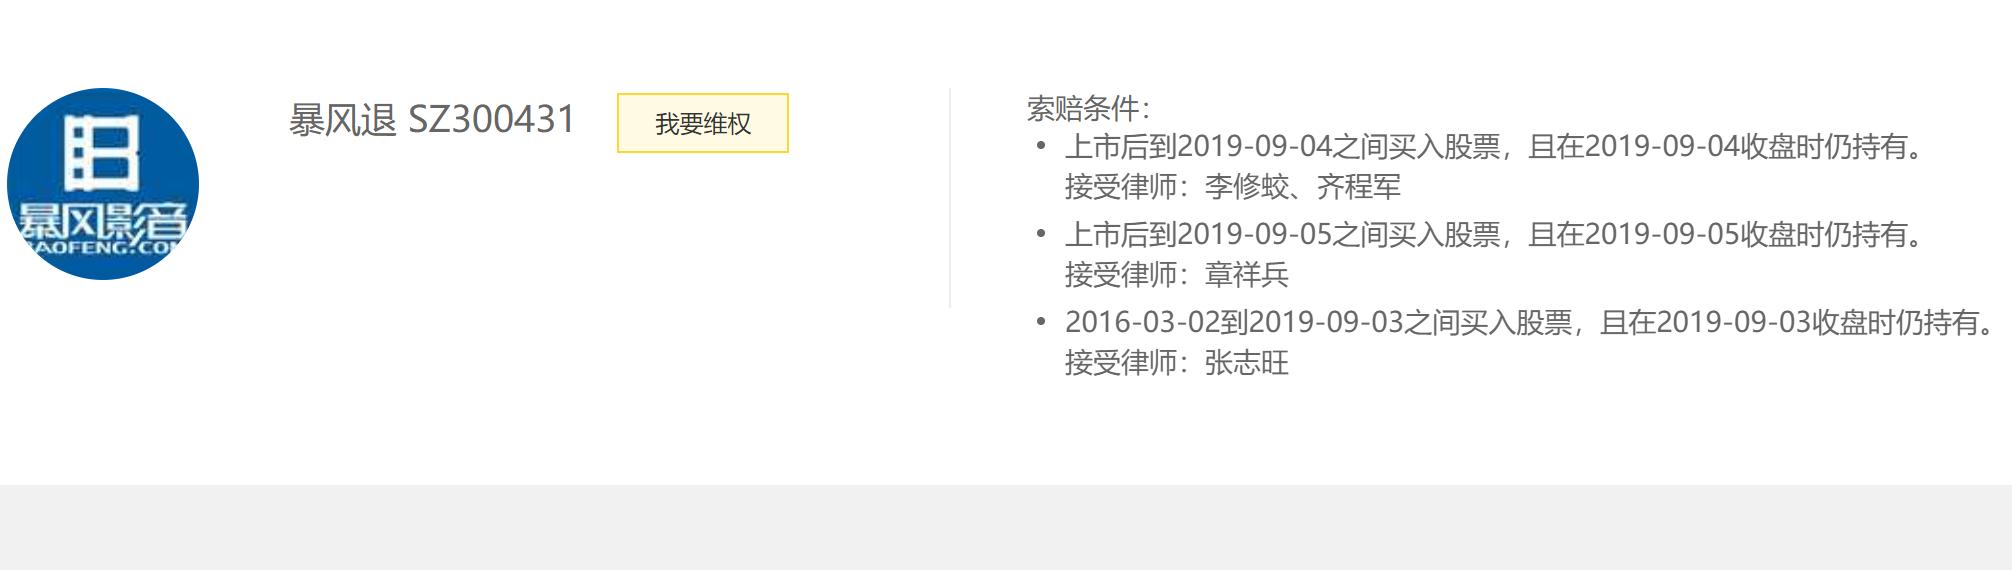 暴風割韭菜史曝光:投資人解禁清倉未增持,員工被套三年倉皇出逃